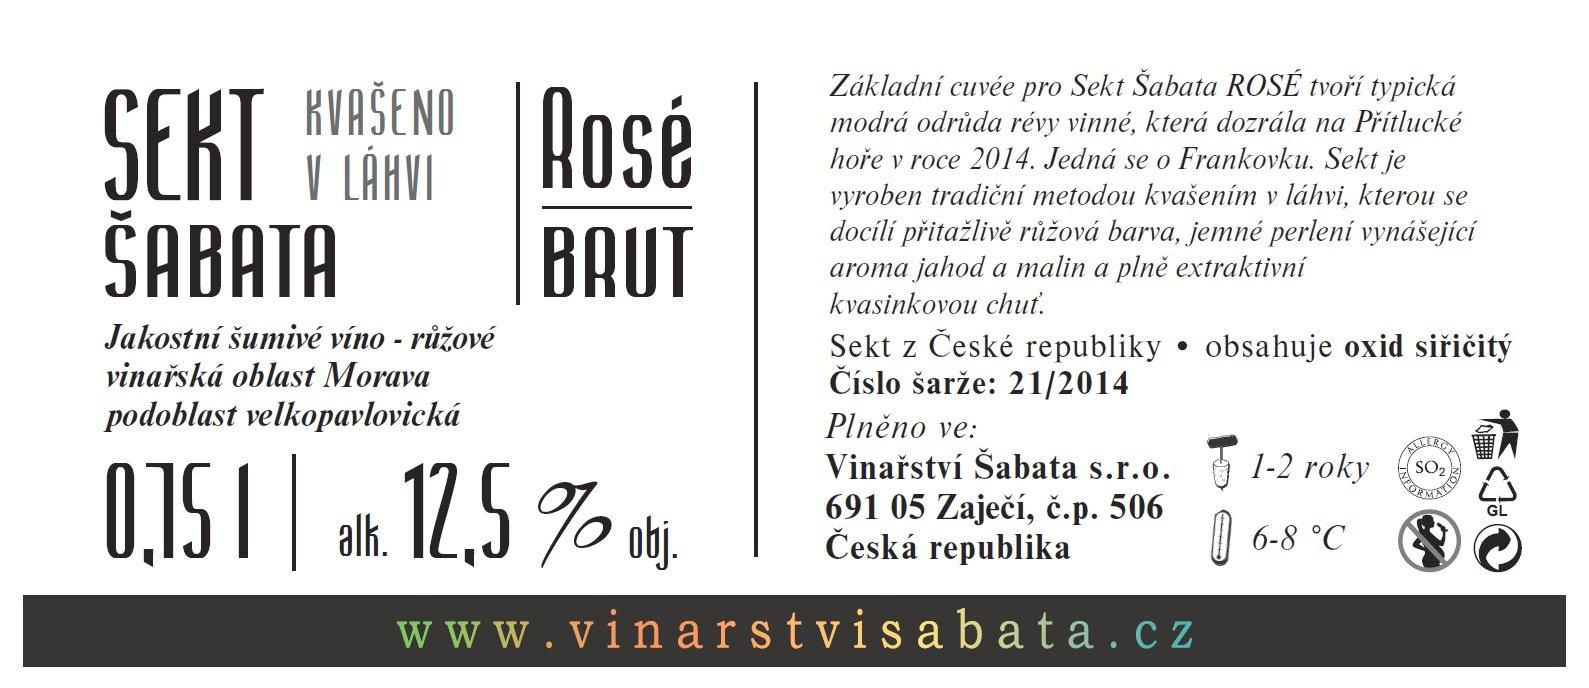 Vinařství Šabata - Sekt Šabata Rosé - Jakostní šumivé víno - sekt - 0,75l (balení 6 lahví)